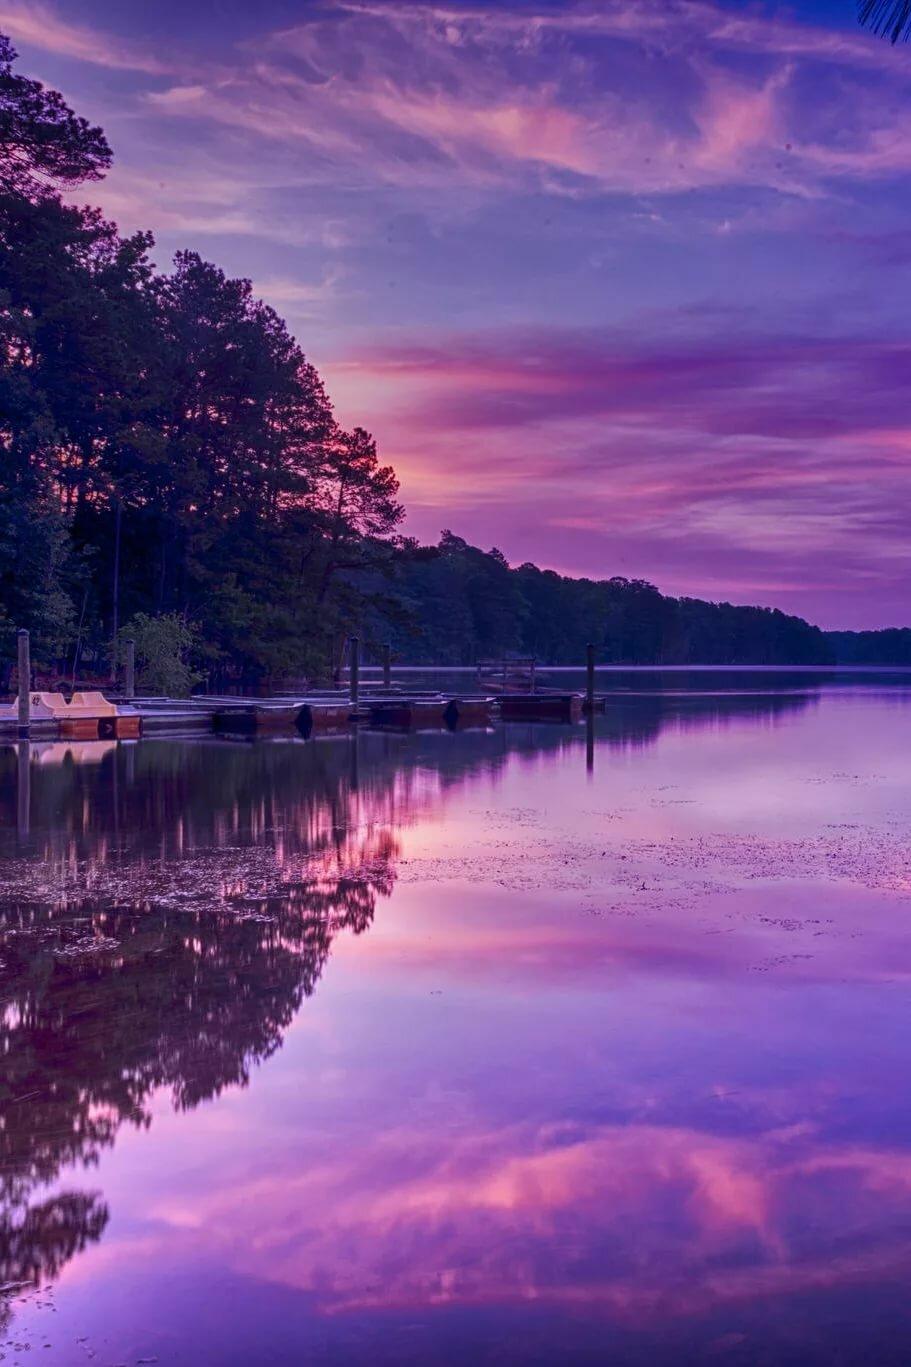 летнее красивые фото в фиолетовом цвете розы передают